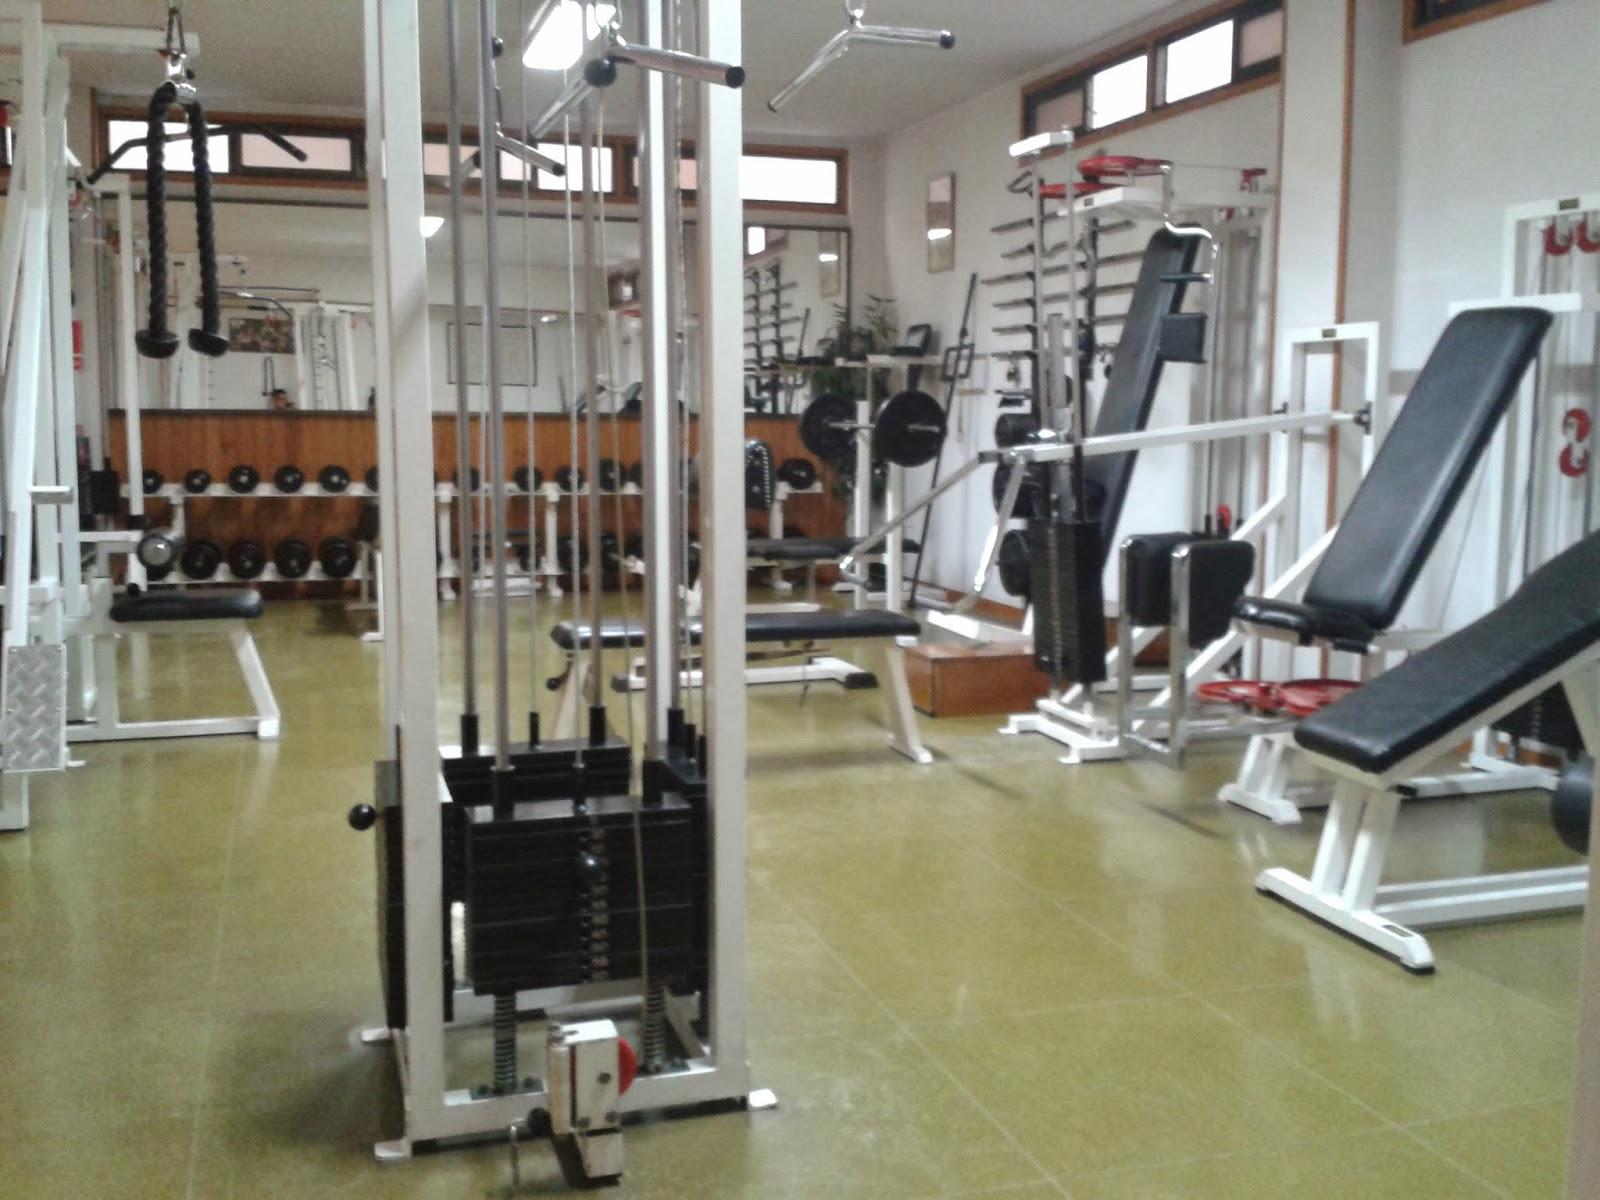 Lex le n perpi an el gimnasio for Ver gimnasio